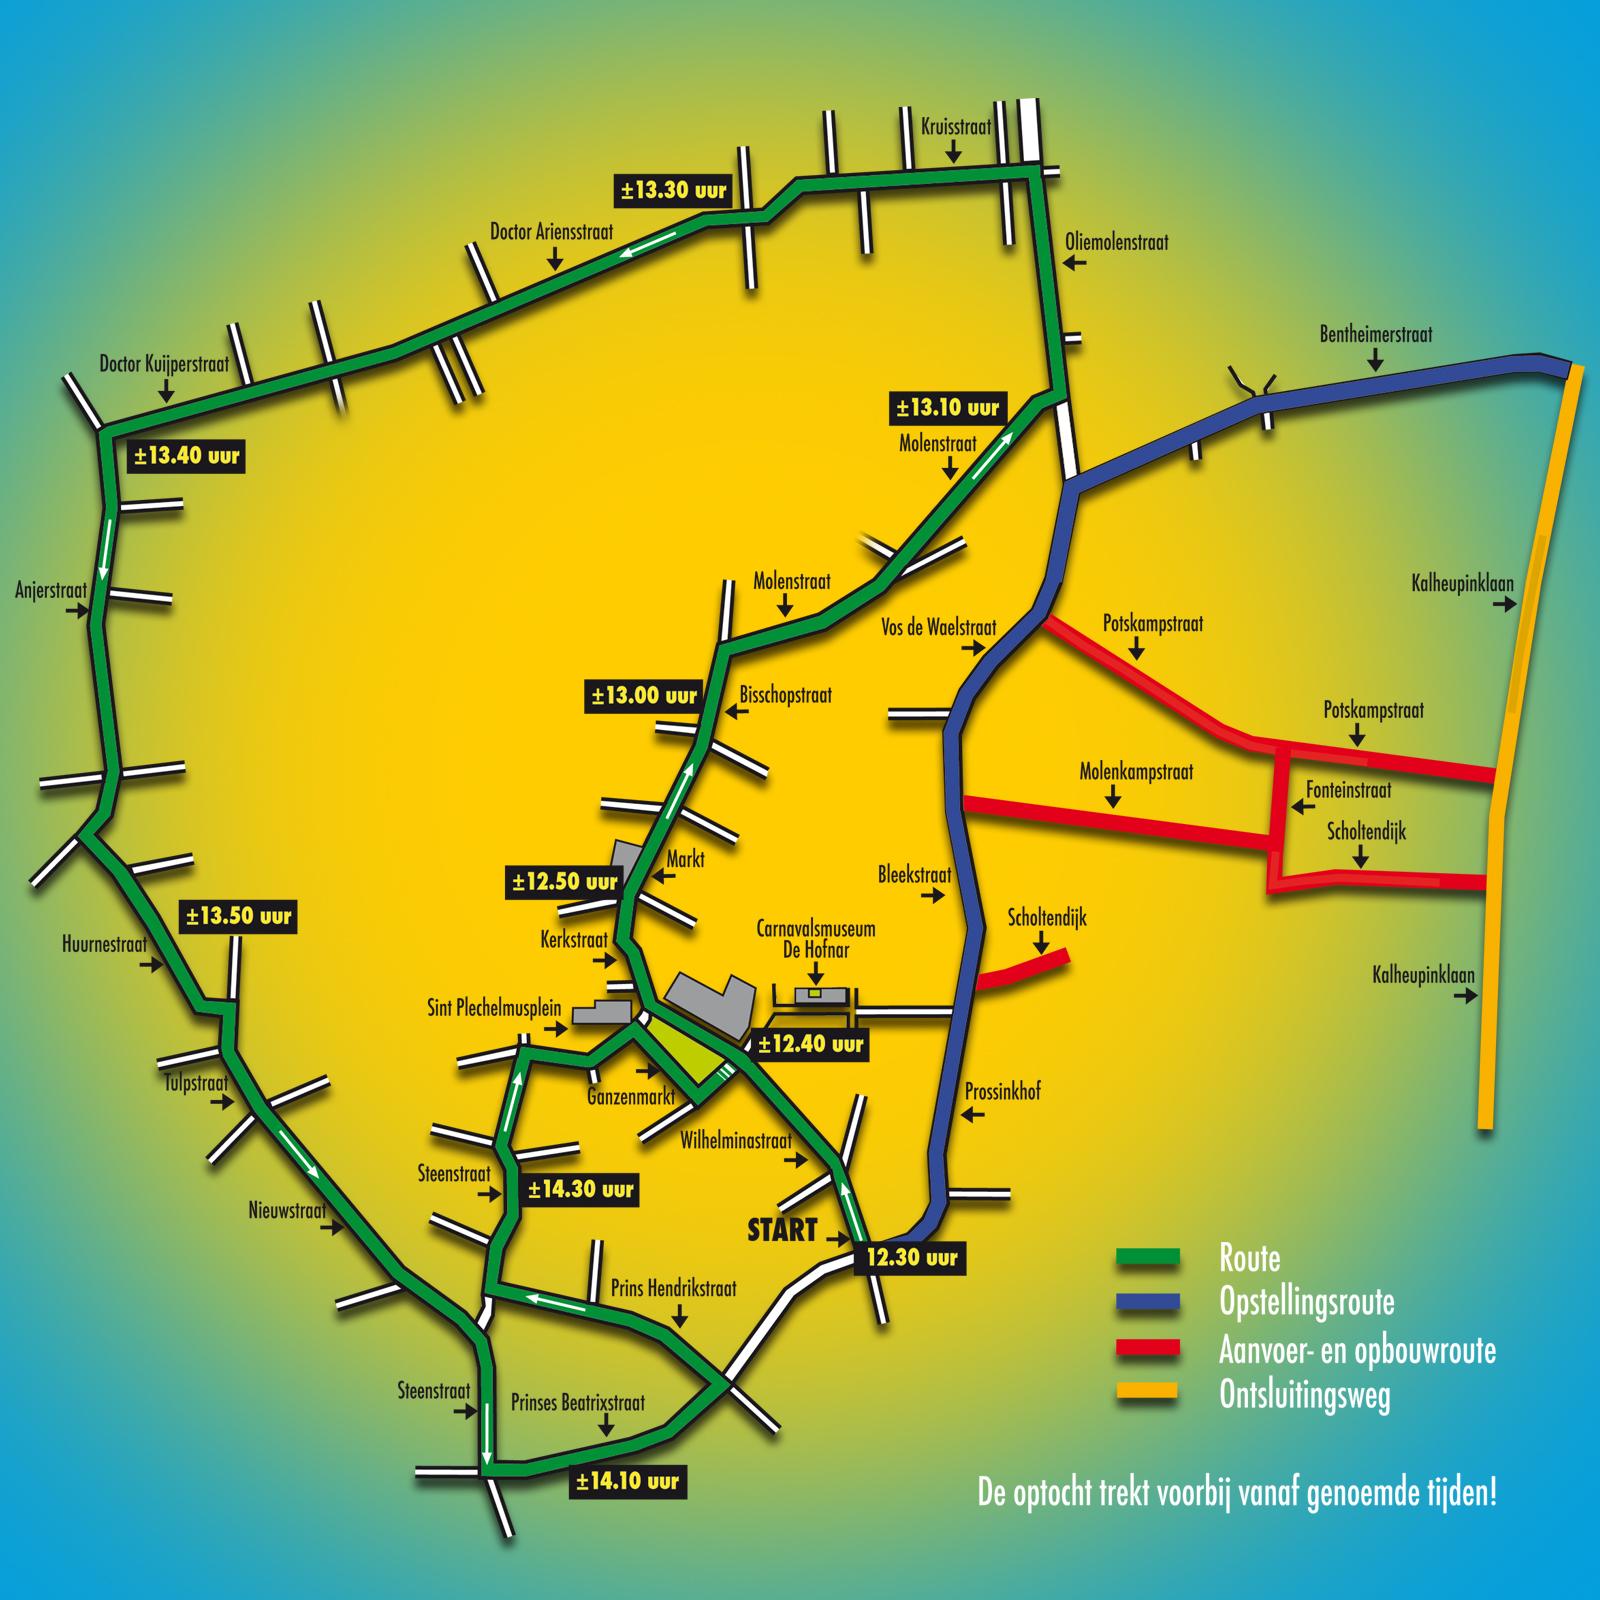 De route van de Grote Twentse Carnavalsoptocht 2019 in Oldenzaal | Boeskoolstad